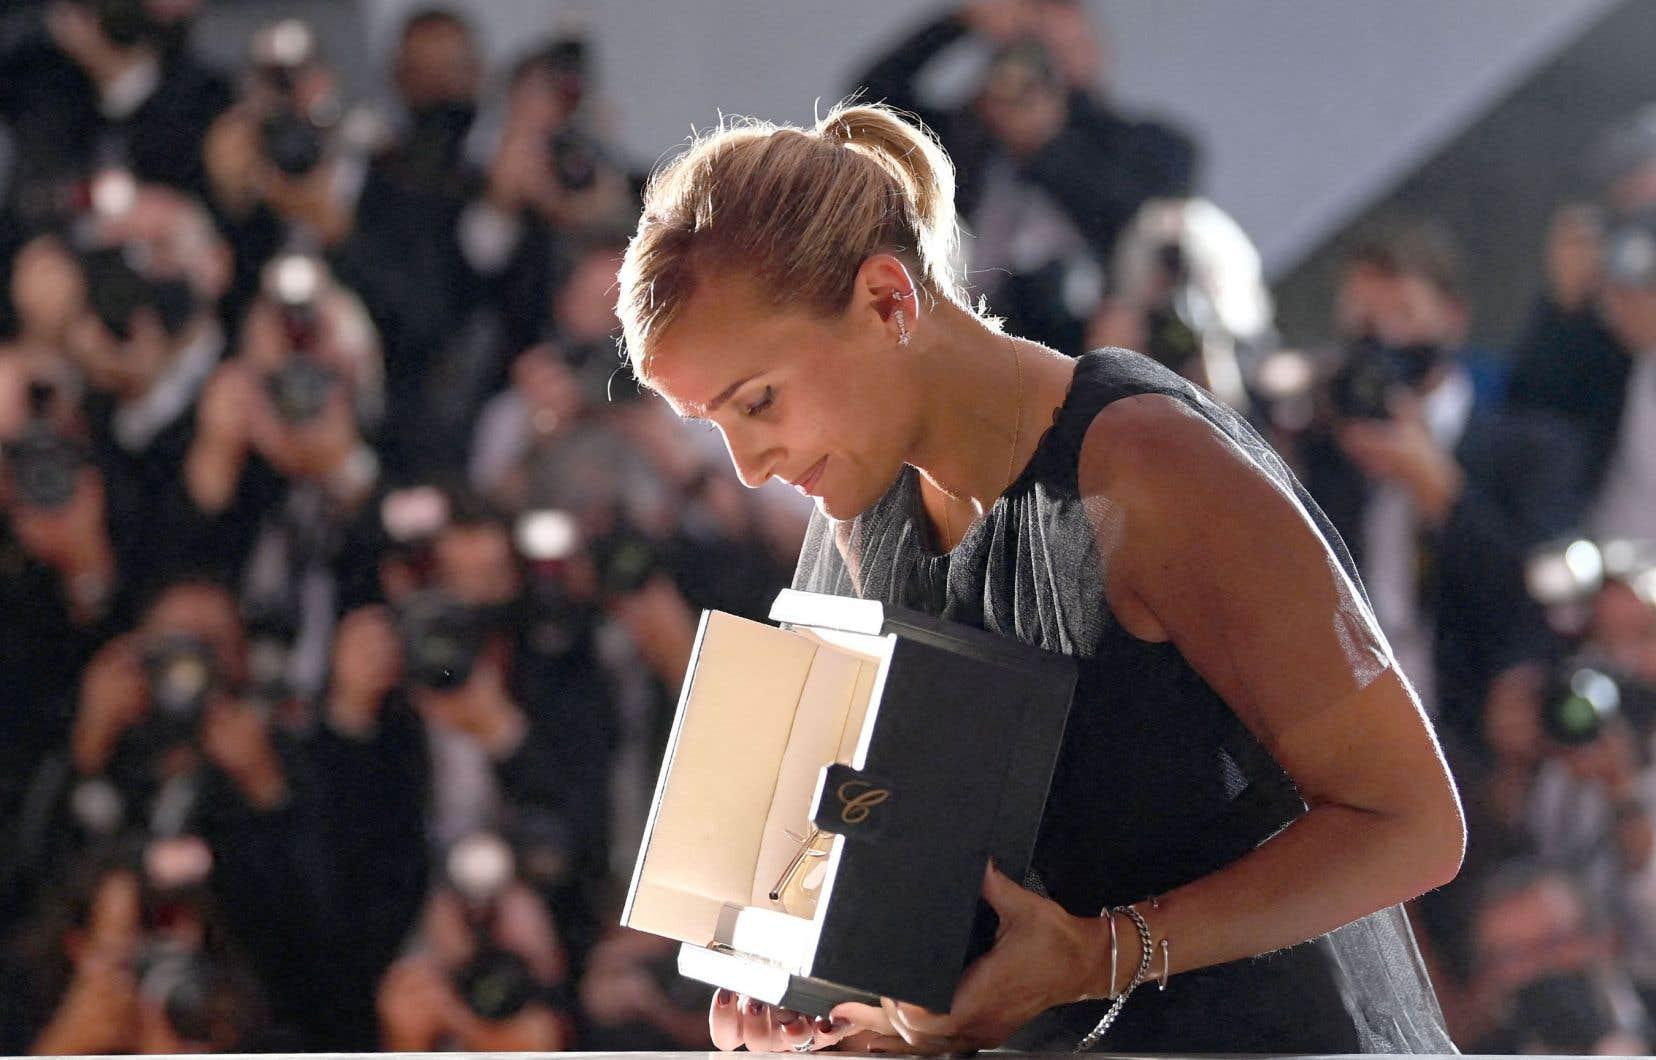 La Française de 37 ans Julia Ducournau, réalisatrice de «Titane», est repartie avec la Palme d'or samedi au terme de la cérémonie de remise de prix du Festival de Cannes.